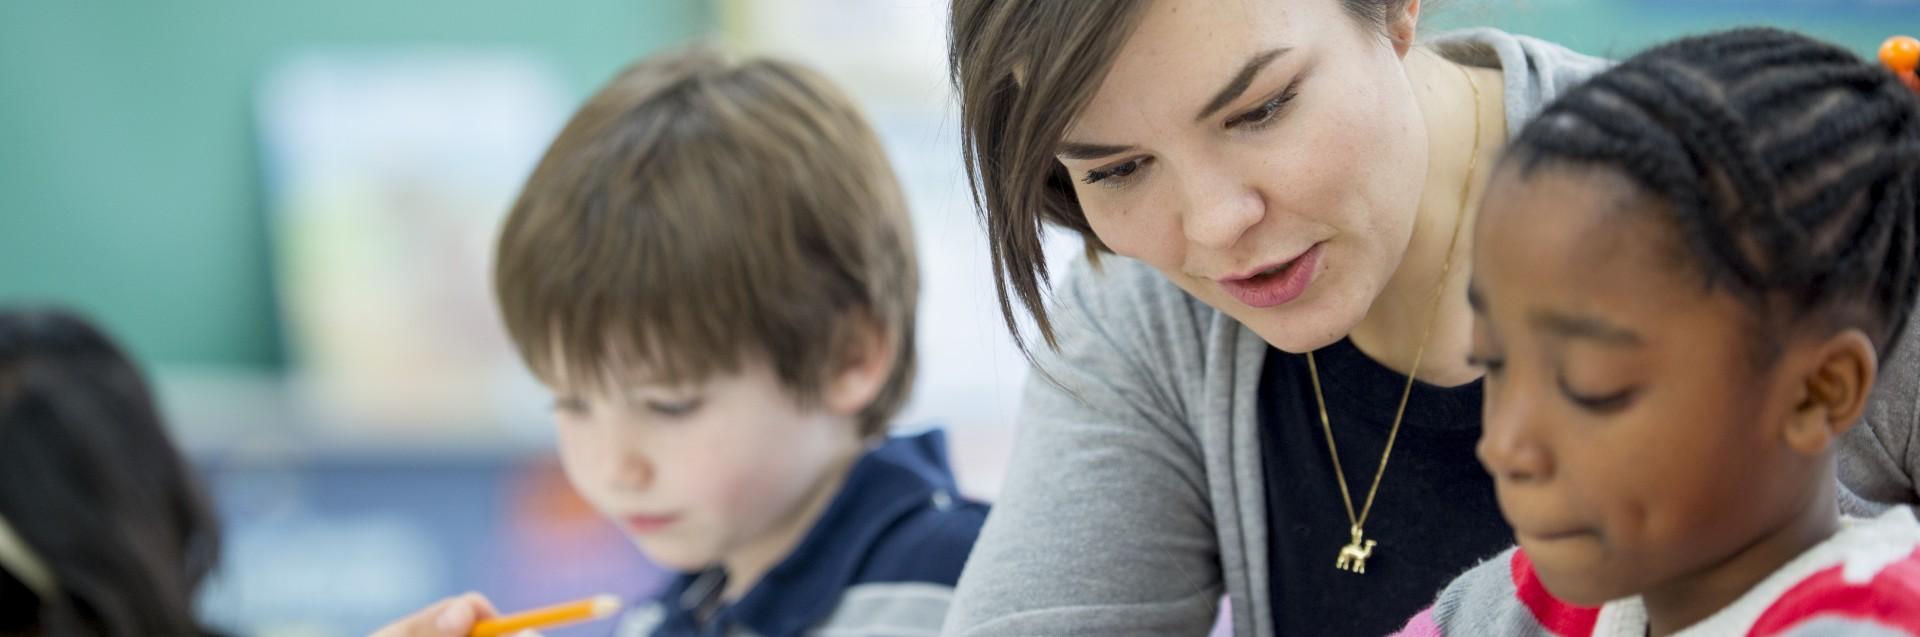 Klasseromsitasjon der lærer hjelper elev ved pulten.